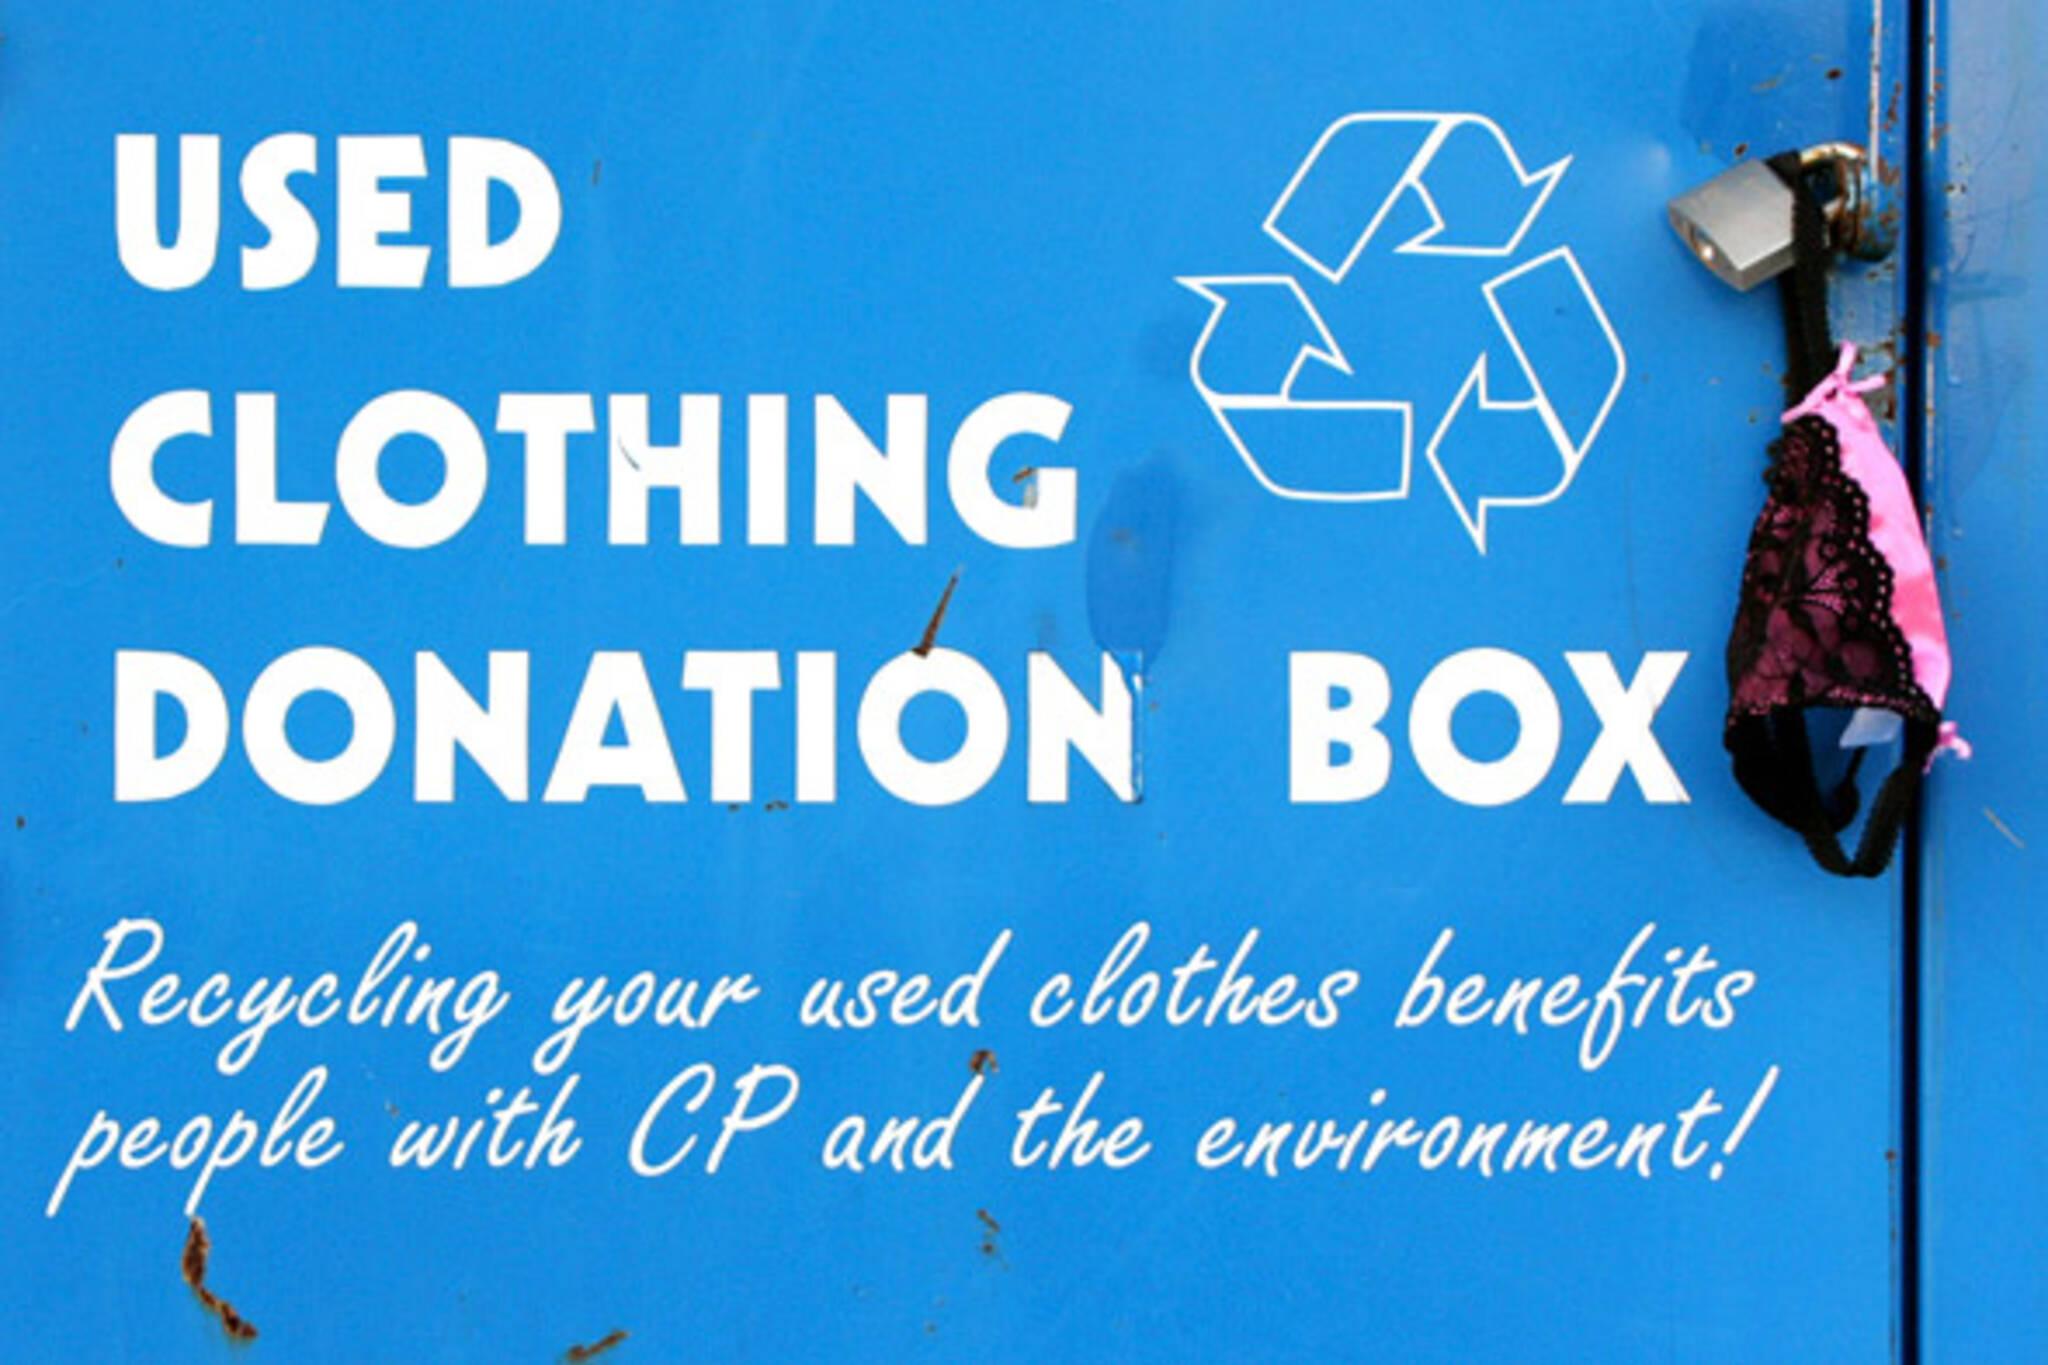 used clothing donation box toronto